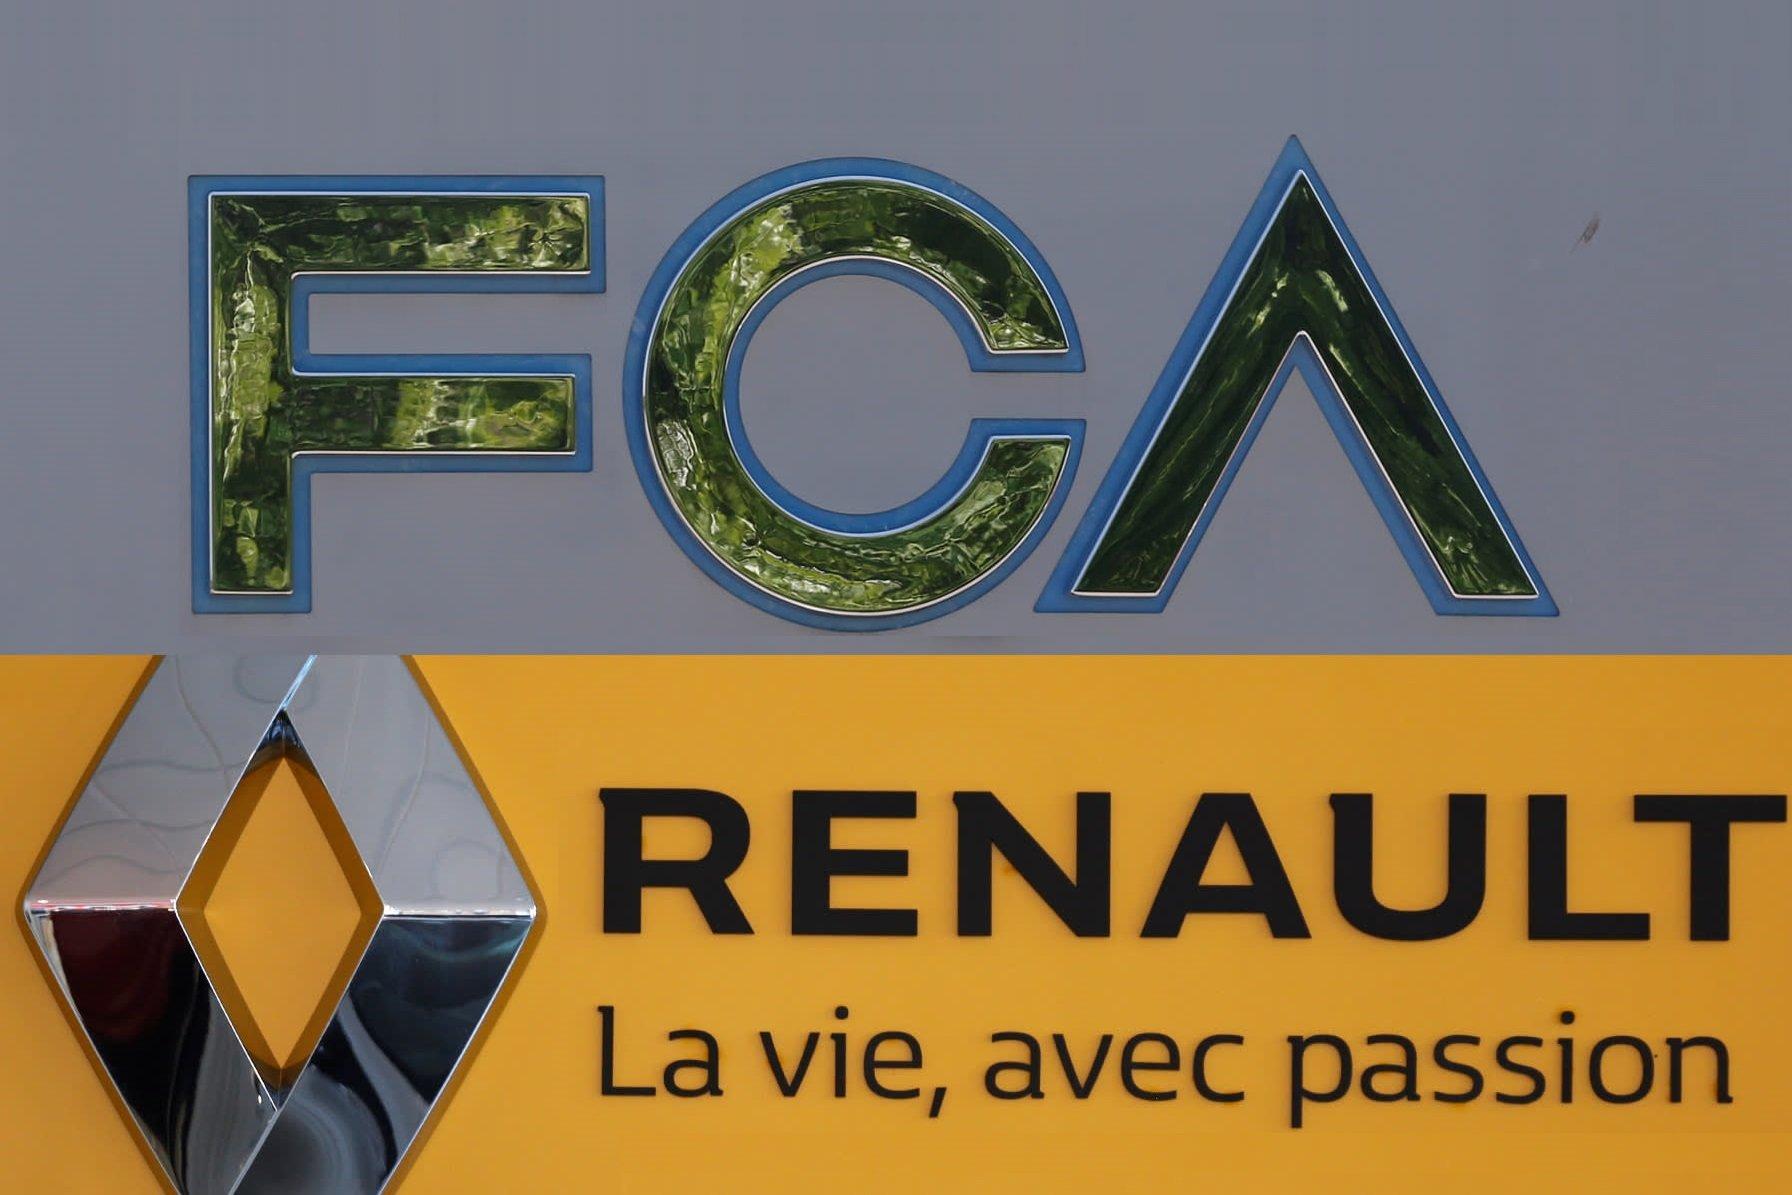 Альянс Renault–Nissan–Mitsubishi раздумывает над предложением Fiat Chrysler Automobiles о слиянии